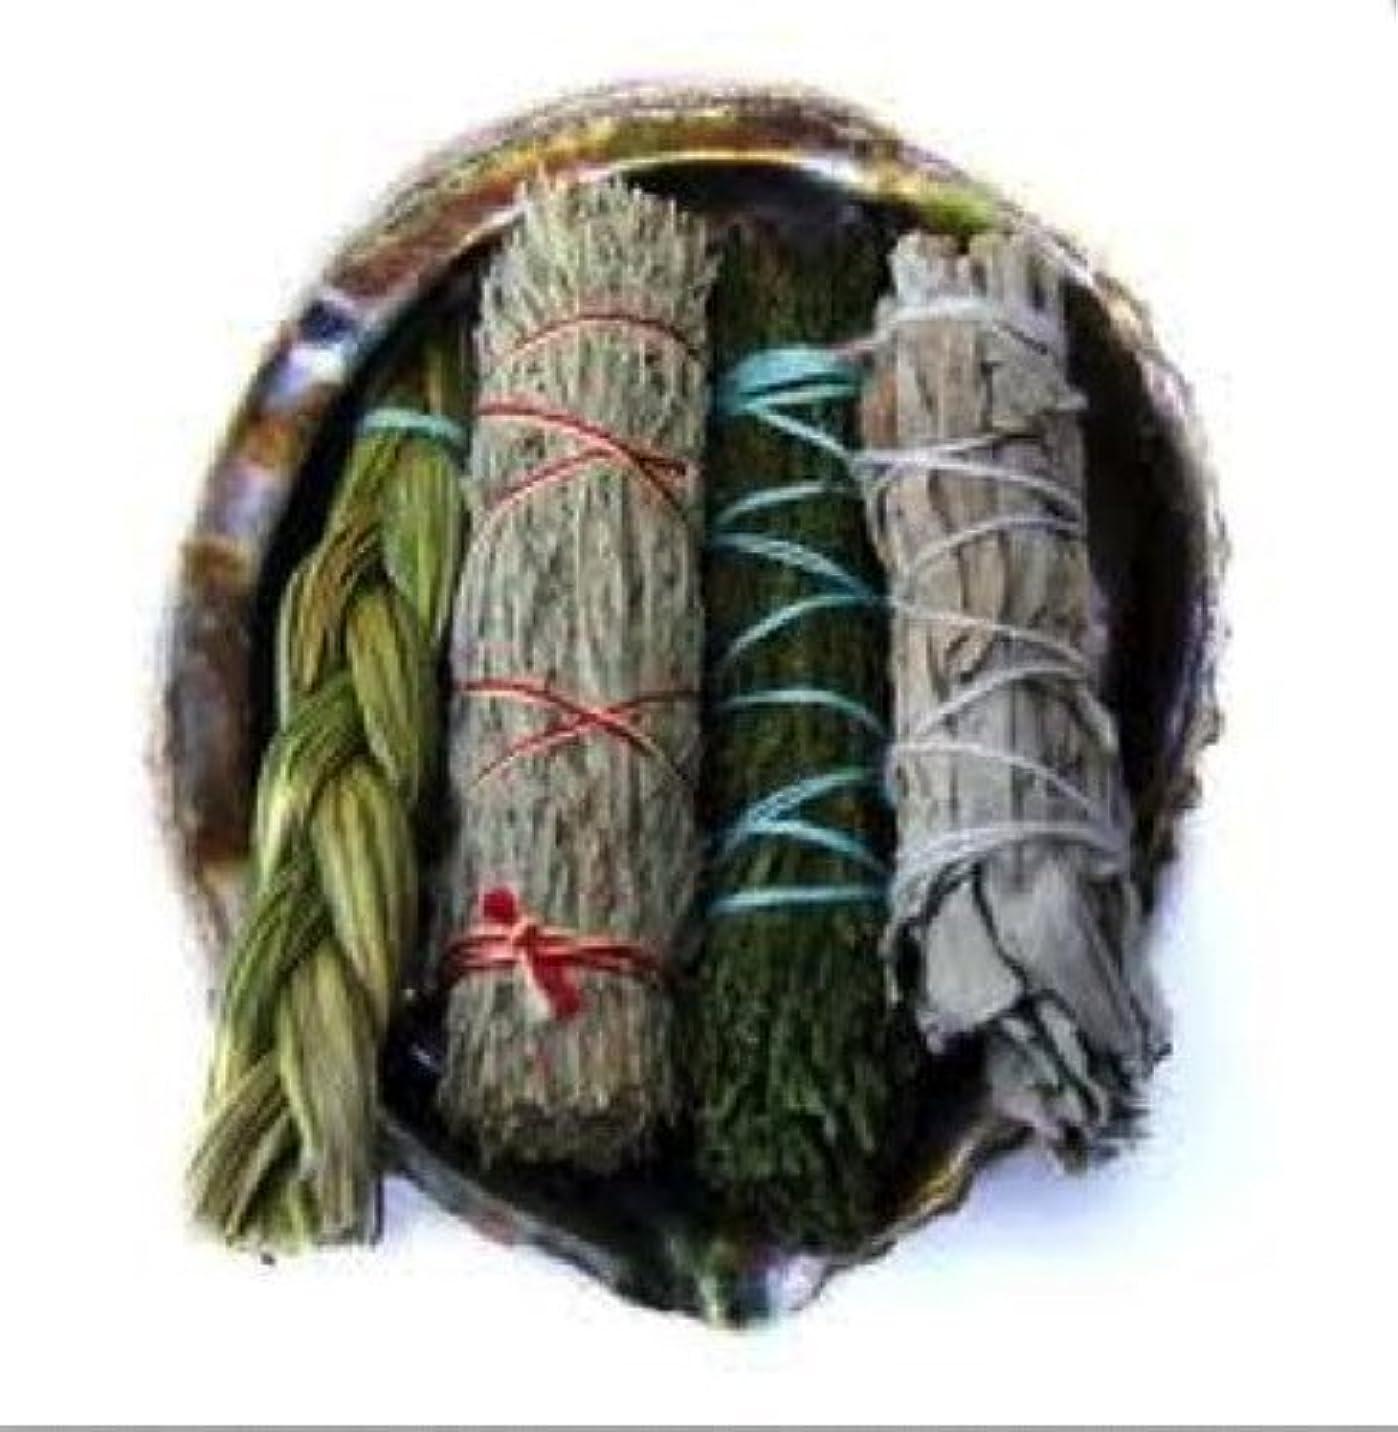 パック麻痺させる精通したOfferings SmudgeキットIncludes Large Abaloneシェル、Sweetgrass三つ編み、ホワイトセージ、砂漠セージ、CedarセージSticks Plus砂